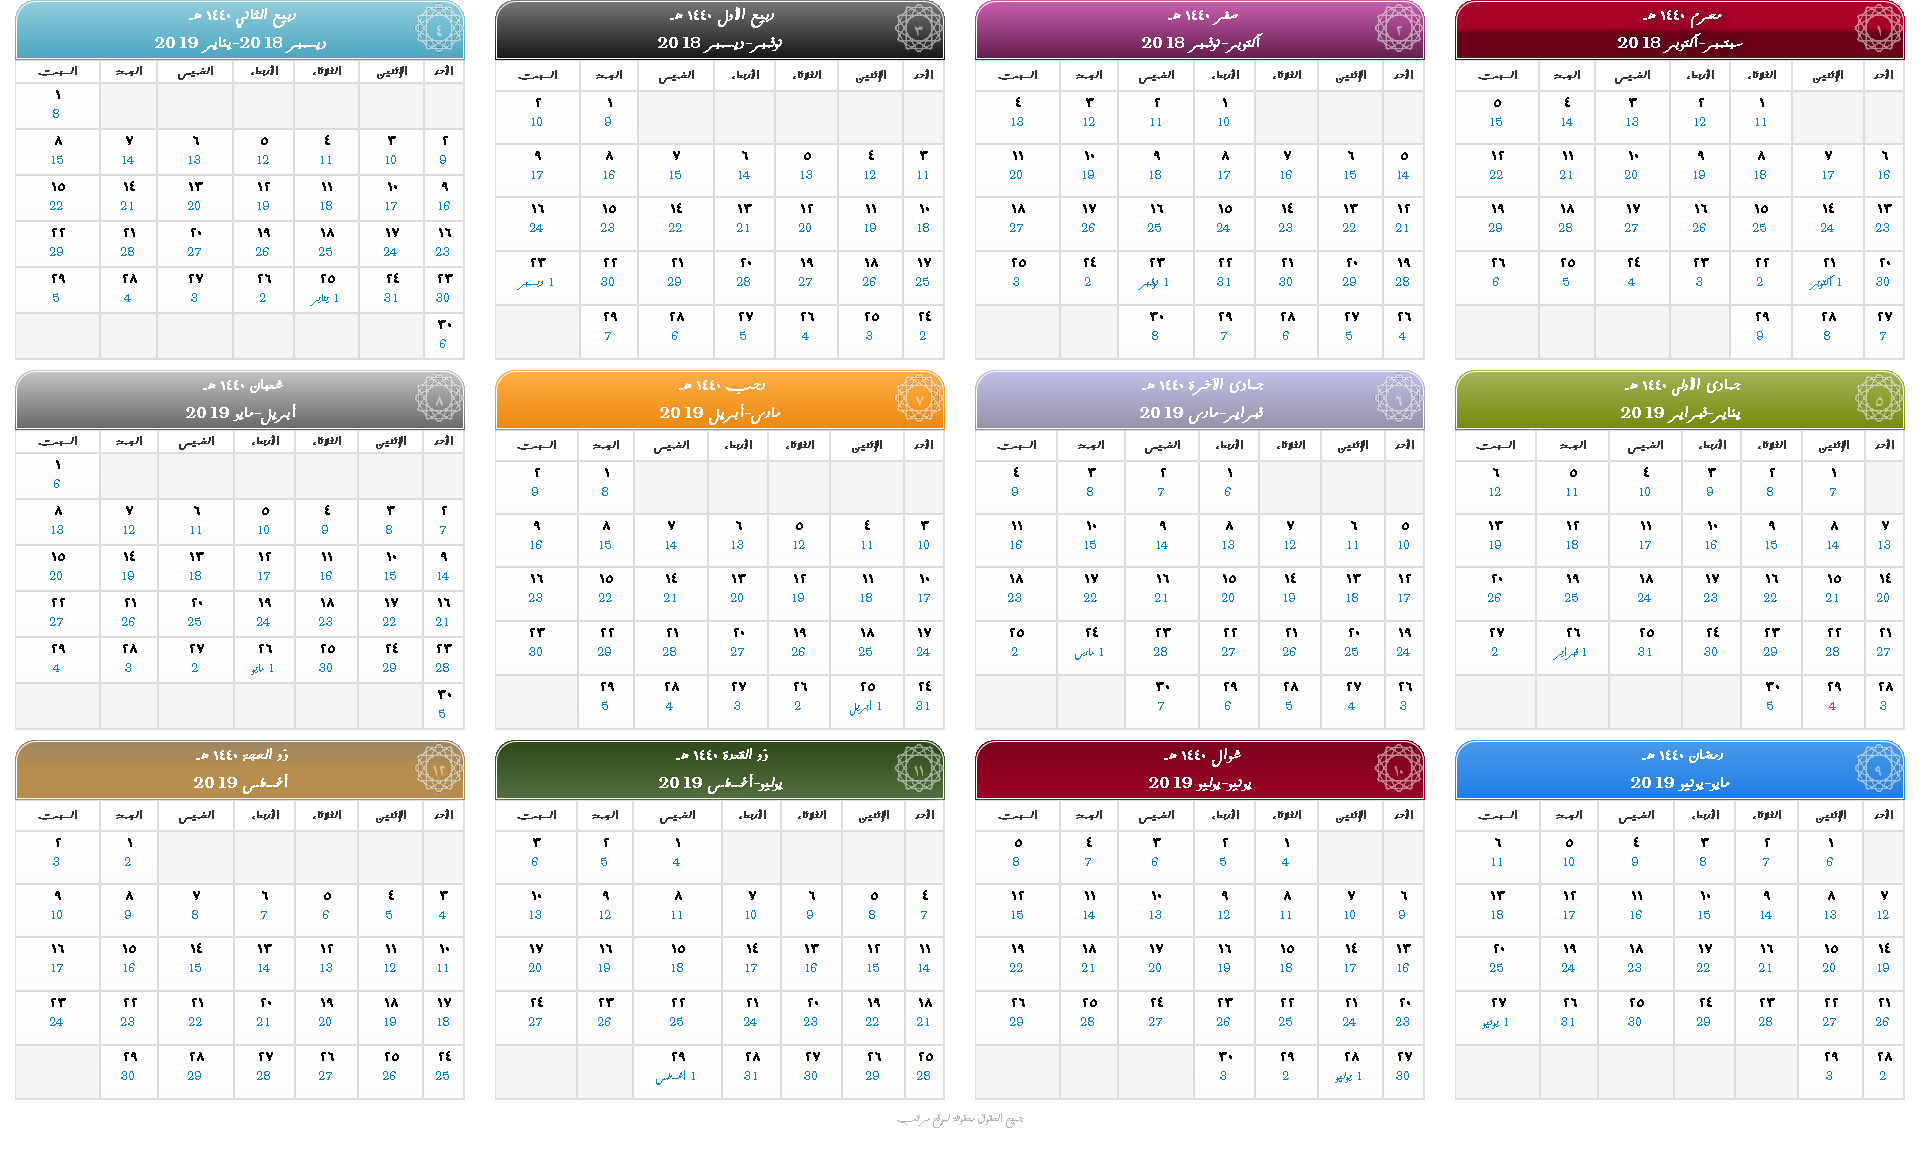 التقويم الهجرى بالصور1440هـ تحميل التقويم الهجرى 1440 التقويم الاسلامى بالطباعة 1440 صقور الإبدآع Chart Periodic Table Pictures